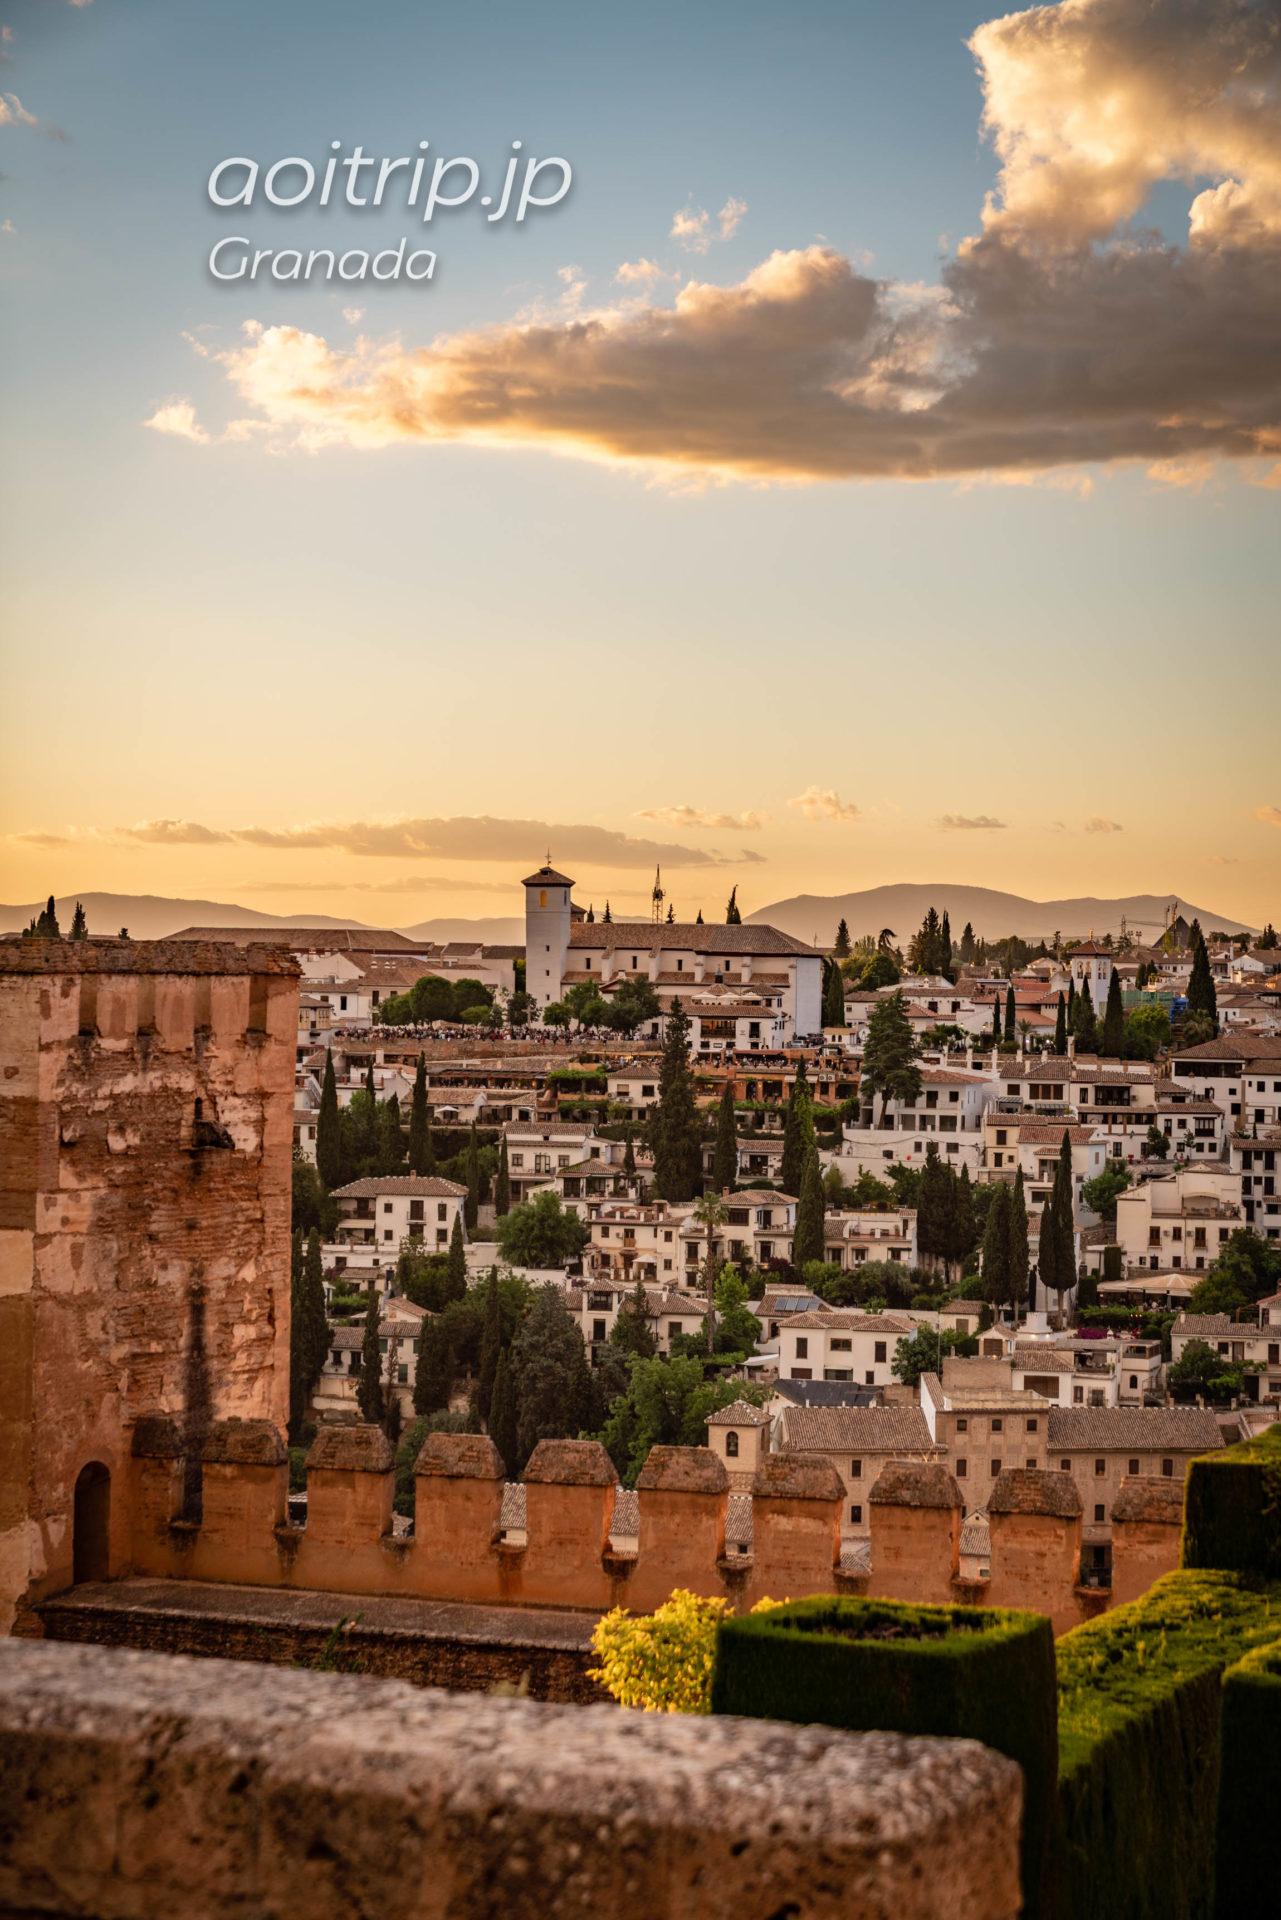 アルハンブラ宮殿から望むアルバイシン地区サンニコラス広場